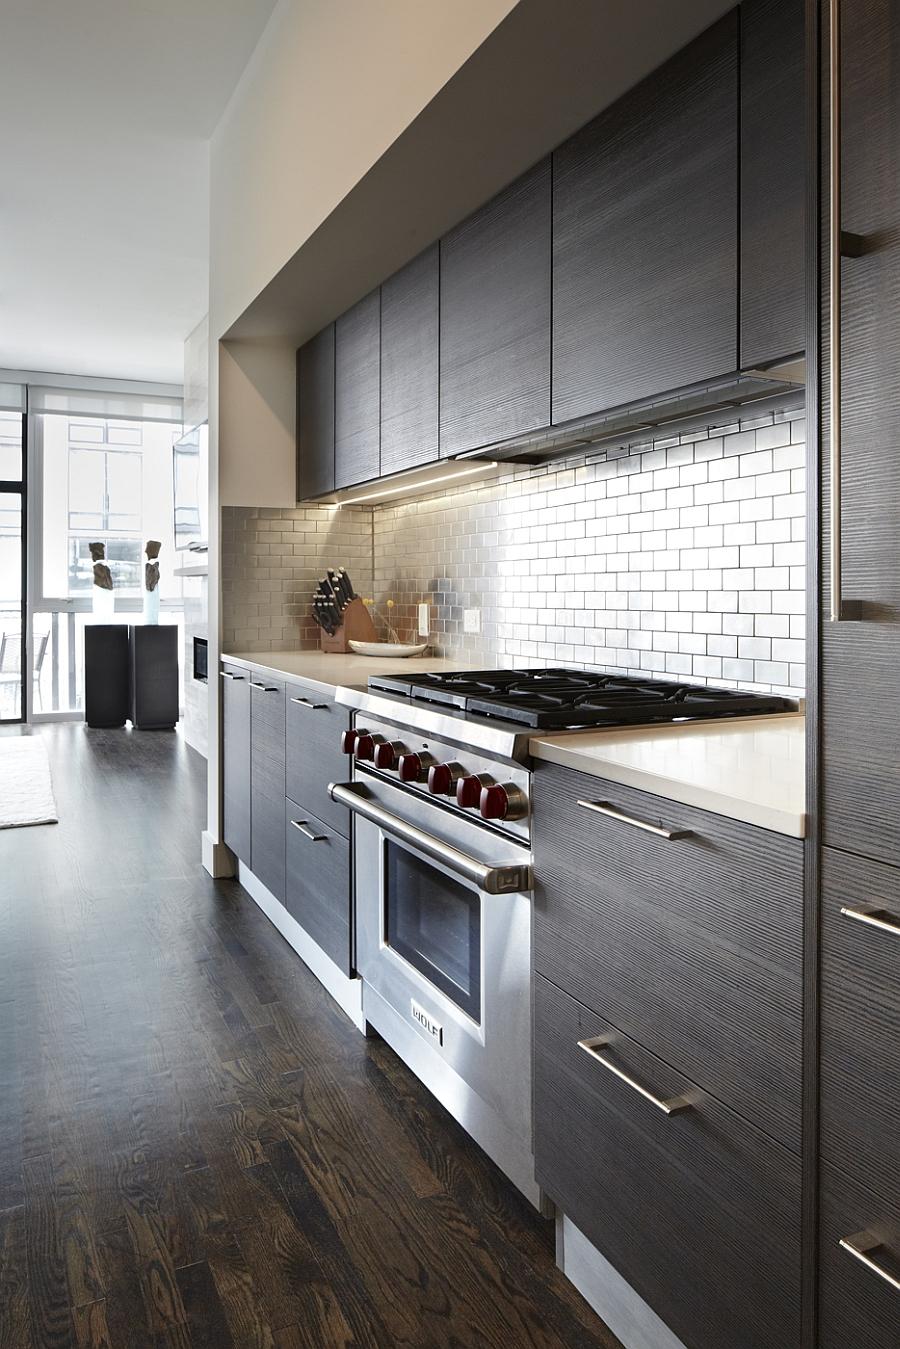 Modern, sleek kitchen of the Chicago home with tile backsplash